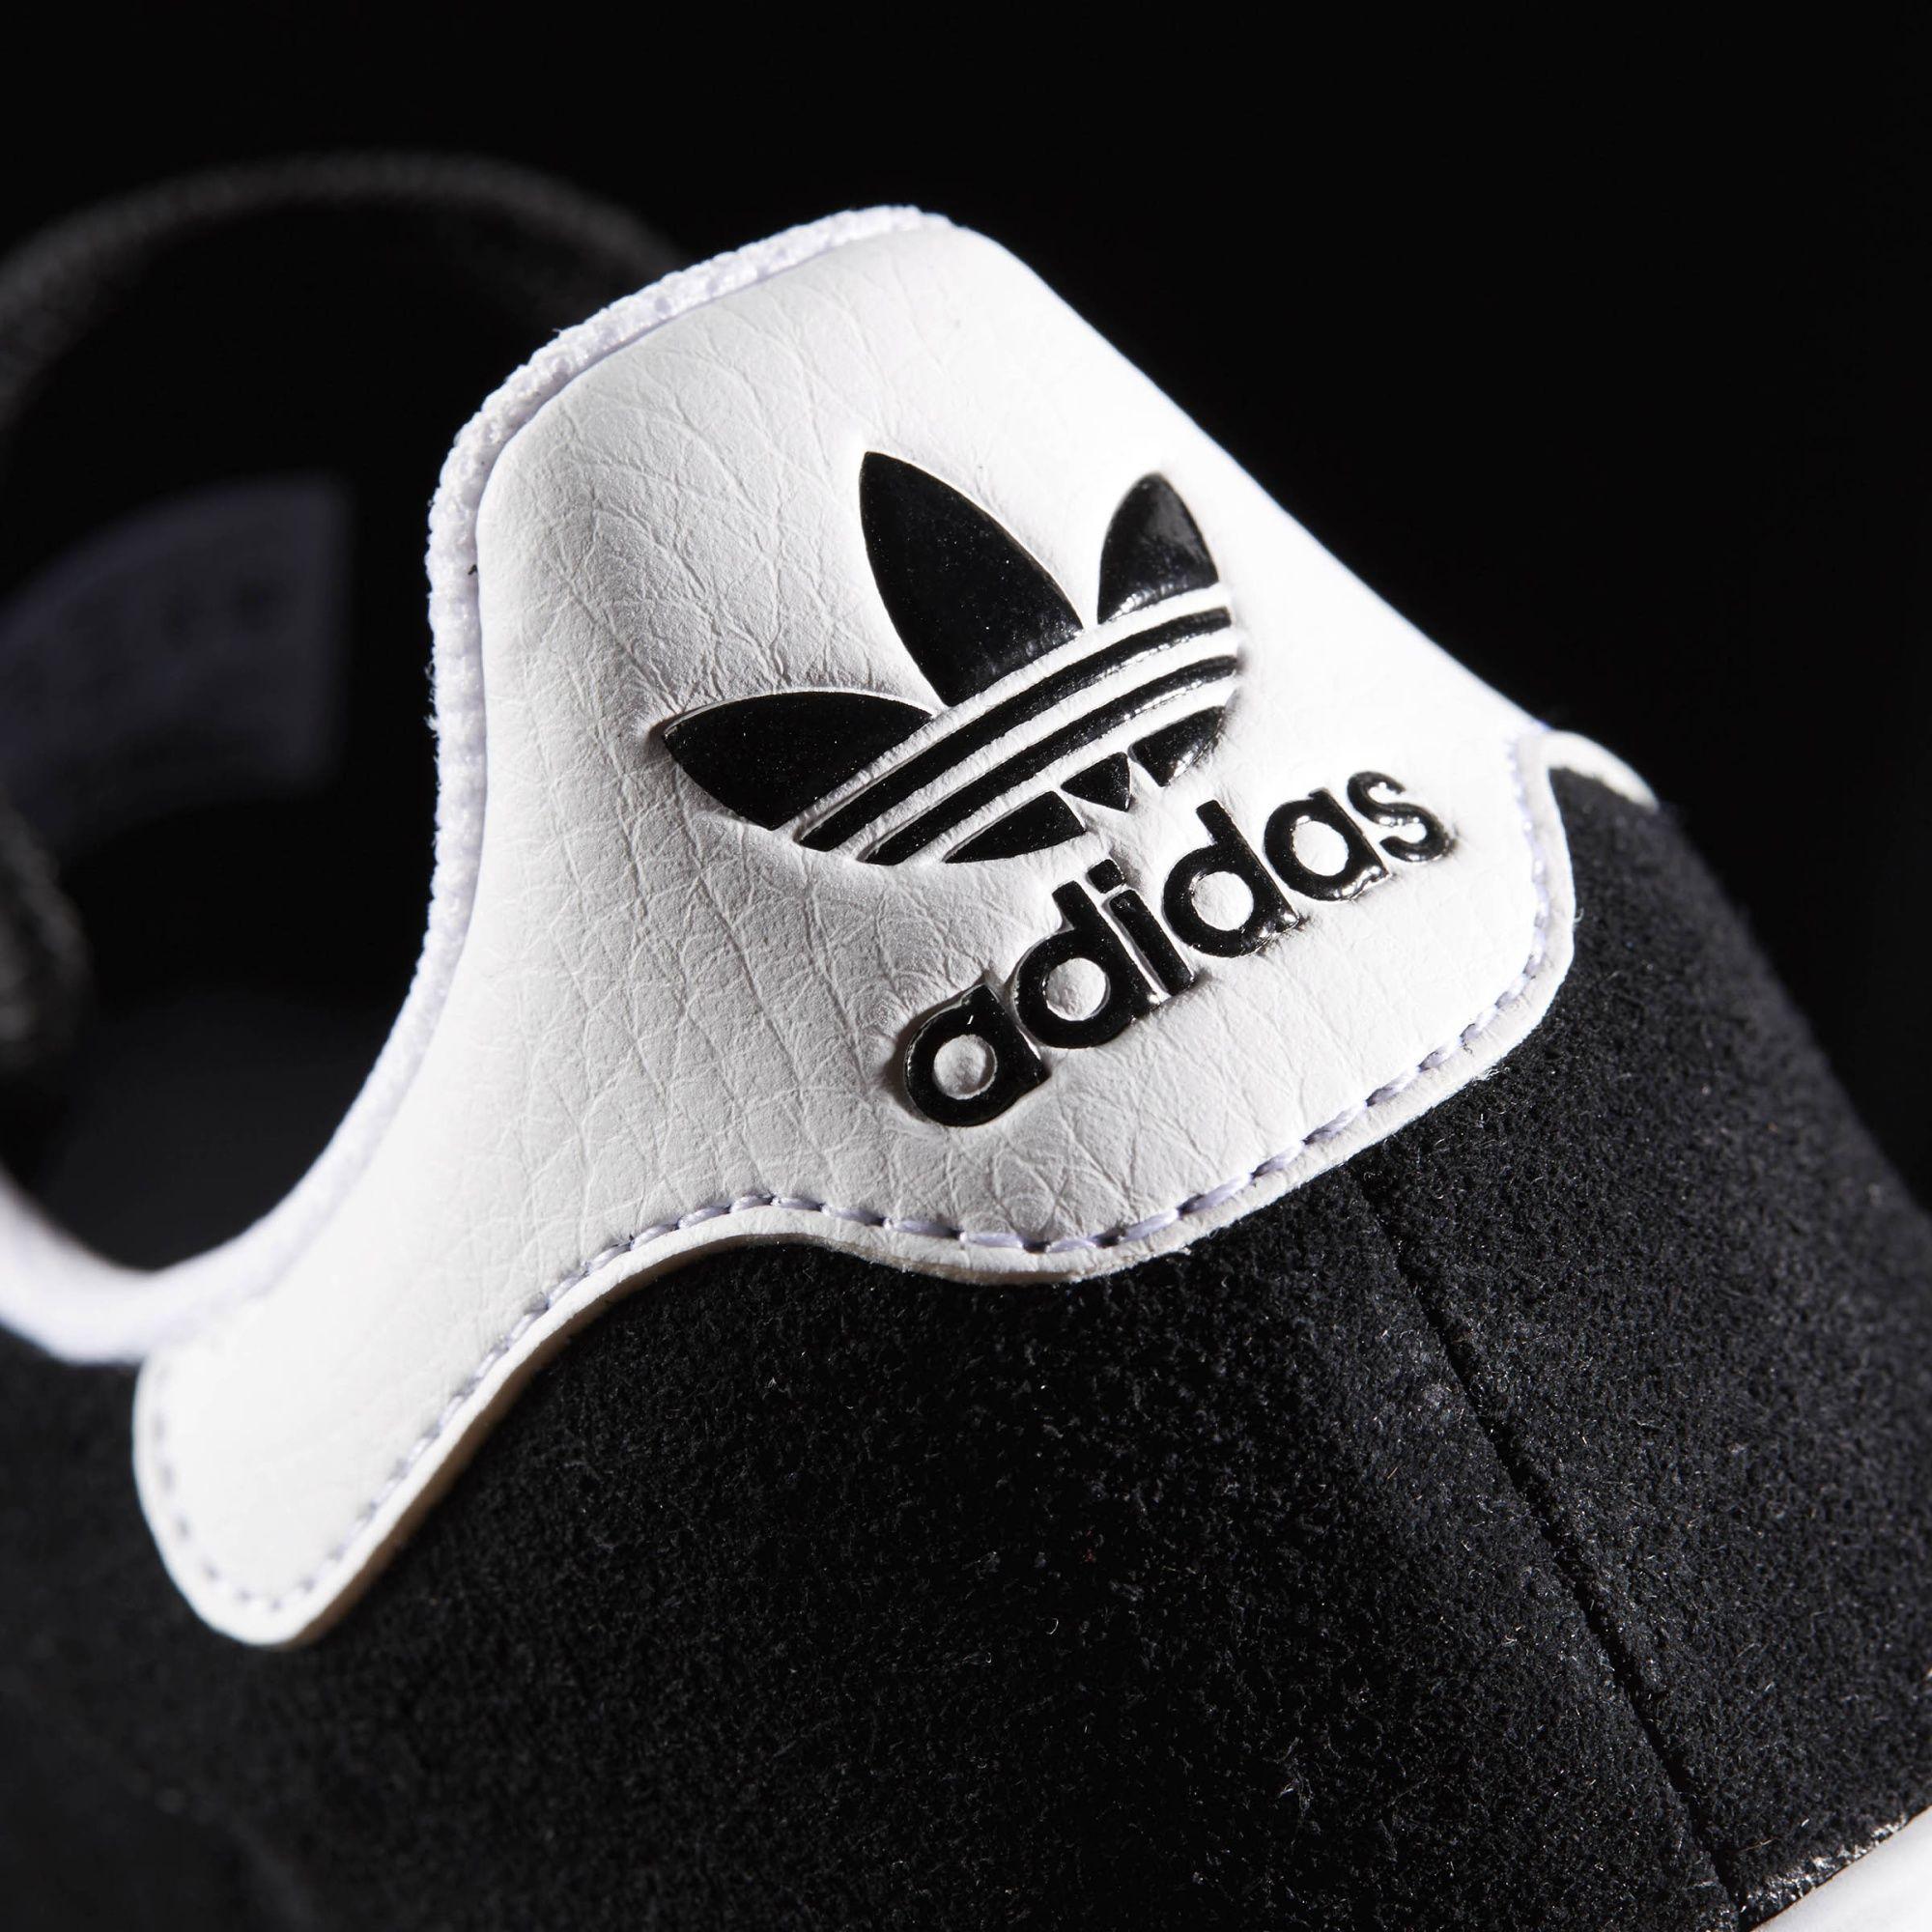 Buty Adidas Stan Smith Vulc Shoes za 123,37zł @ Adidas